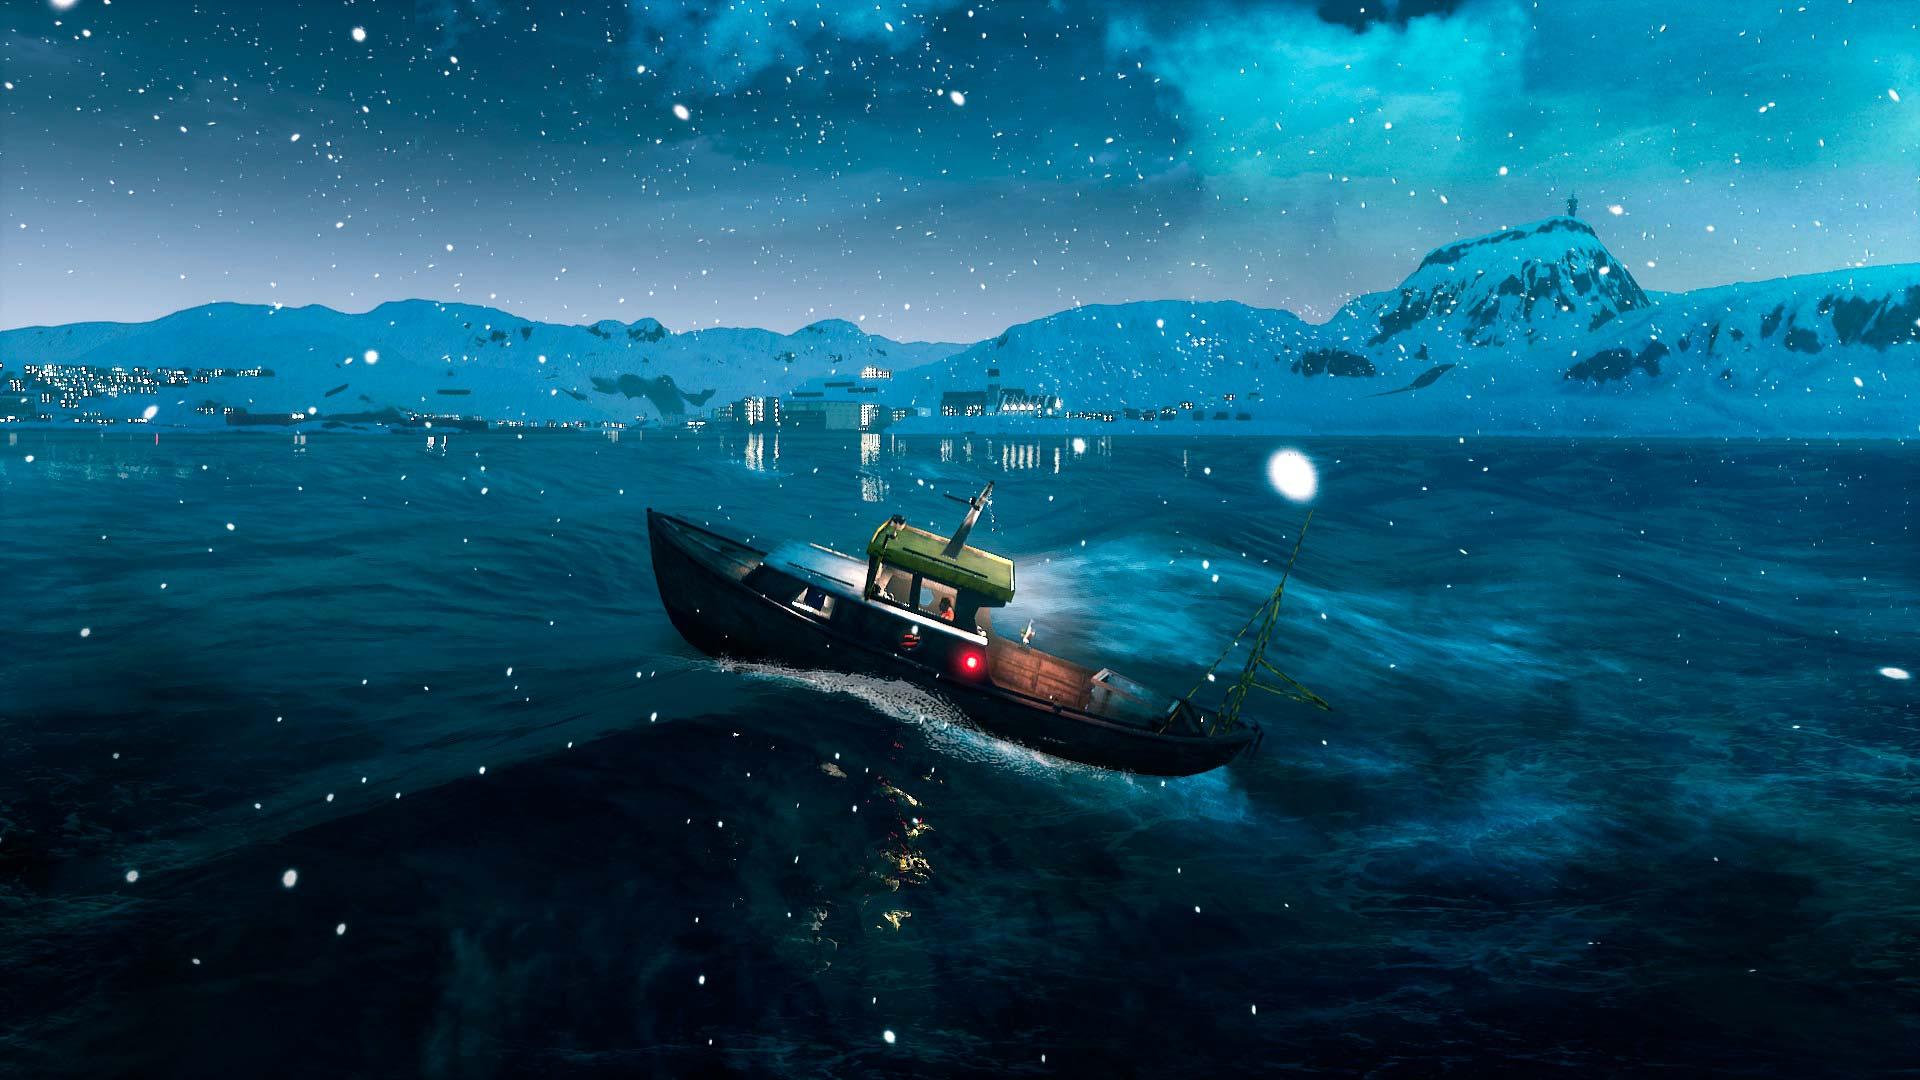 Скриншоты к Fishing: Barents Sea [2018] на русском RePack от qoob